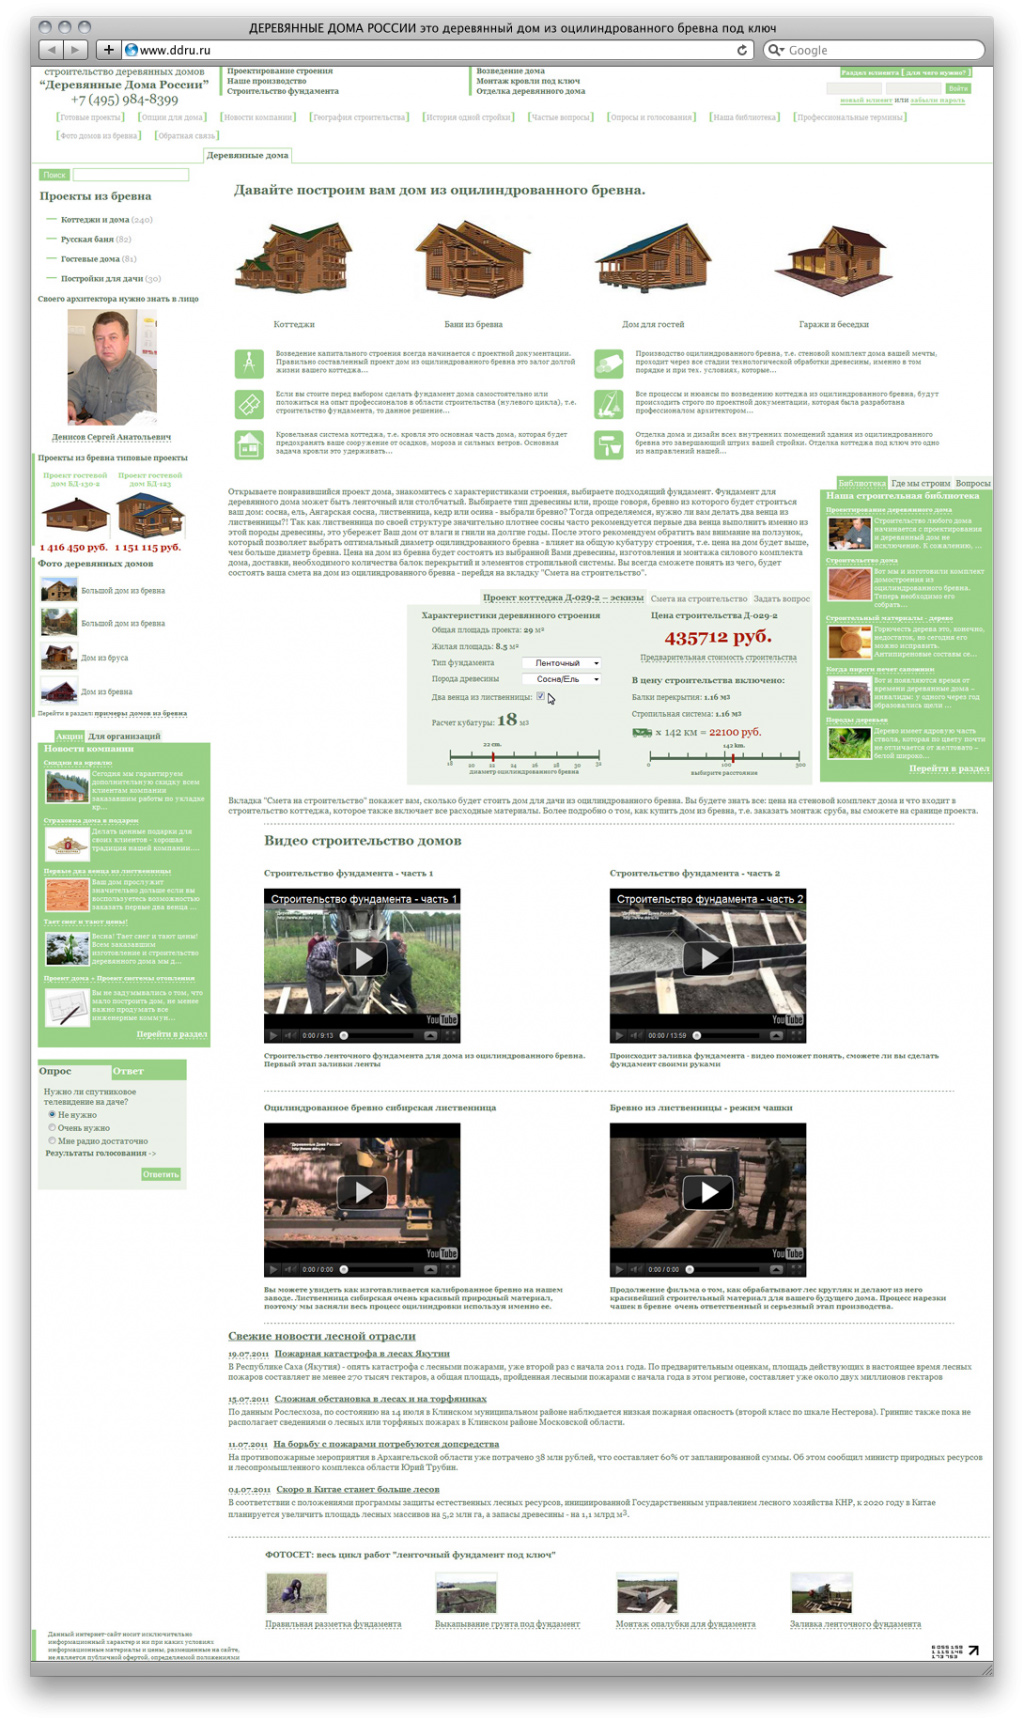 Дизайн строительного сайта